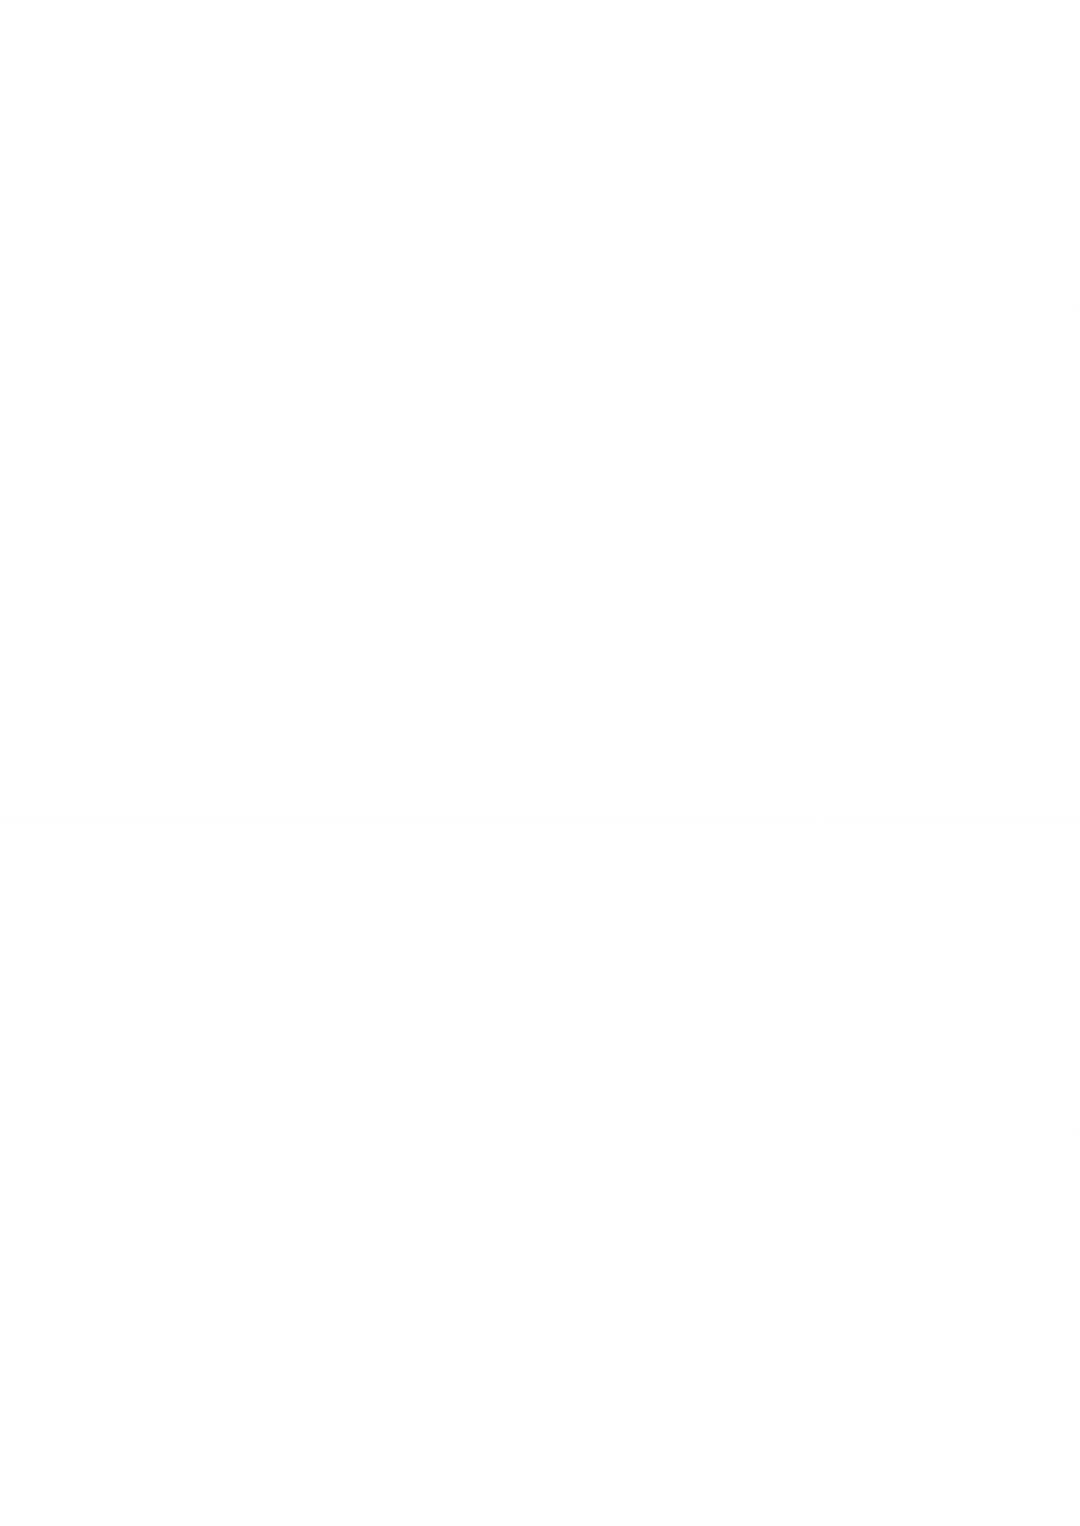 【淫乱JKエロ漫画】ショタはアダルトサイトを開くと、大好きな香澄に似ている女性のハメ撮り動画を見てオナニーする。ある夜、香澄に下着姿の香澄に迫られ朝になると、1通のメールが。プライベート生配信のメールを開くと、香澄が男性と生ハメセックスしている映像だった【左藤空気】